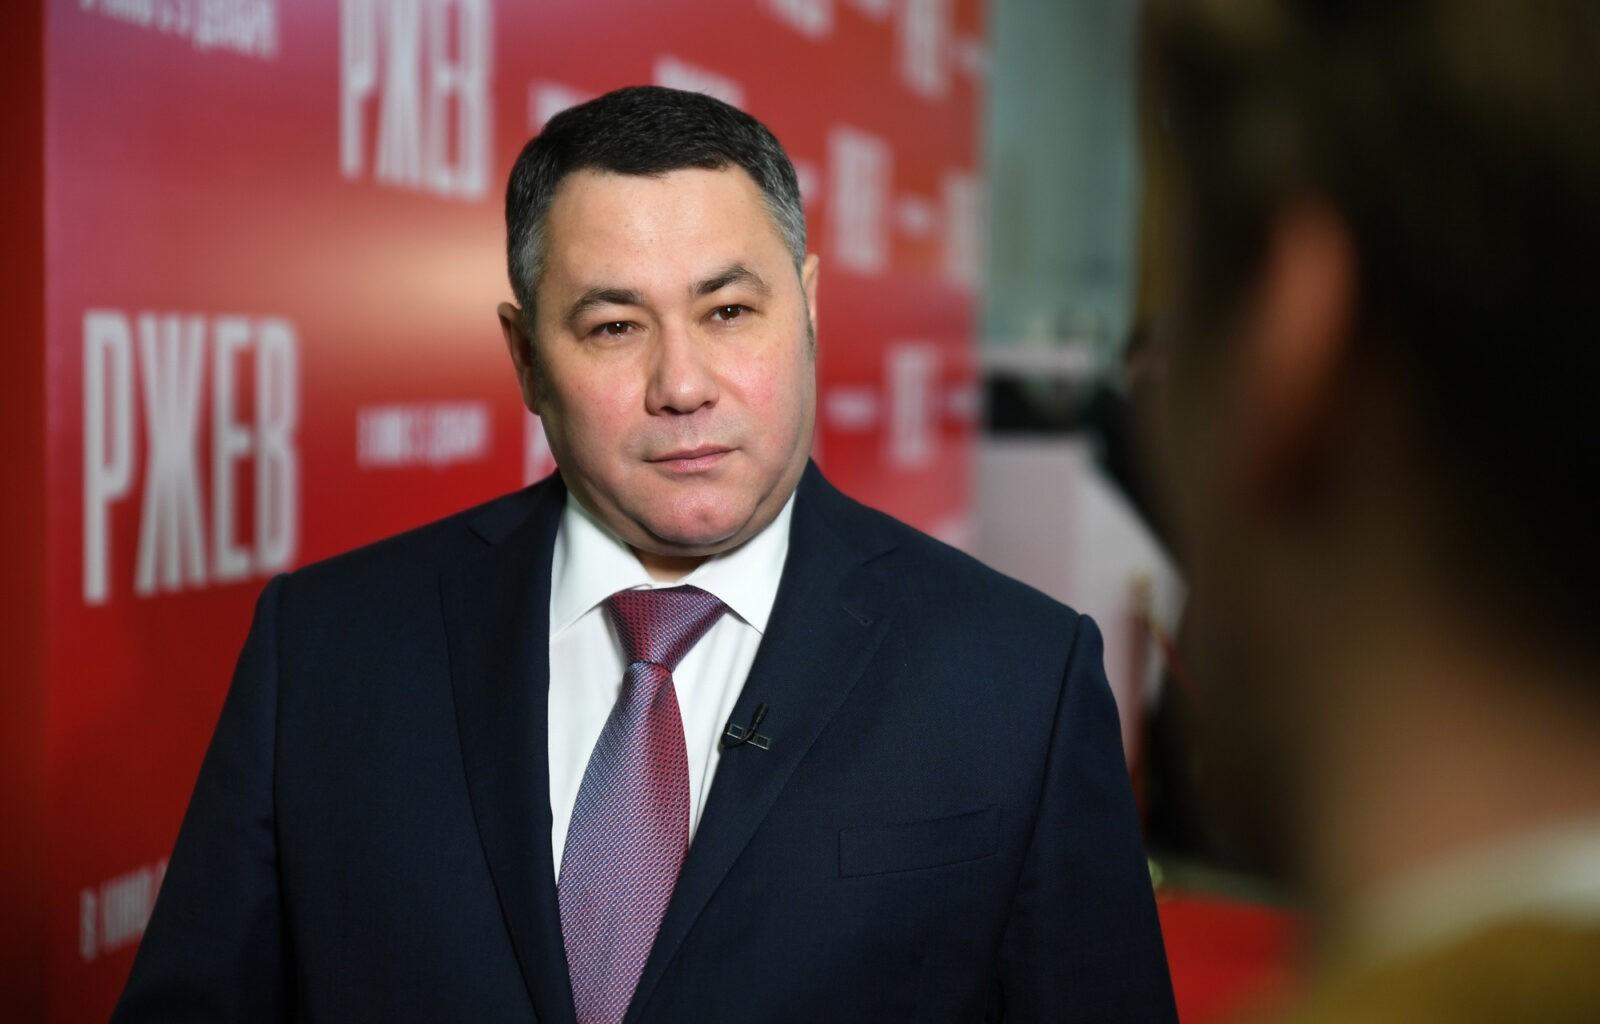 Игорь Руденя принял участие во втором после Тверской области премьерном показе фильма «Ржев» в Москве